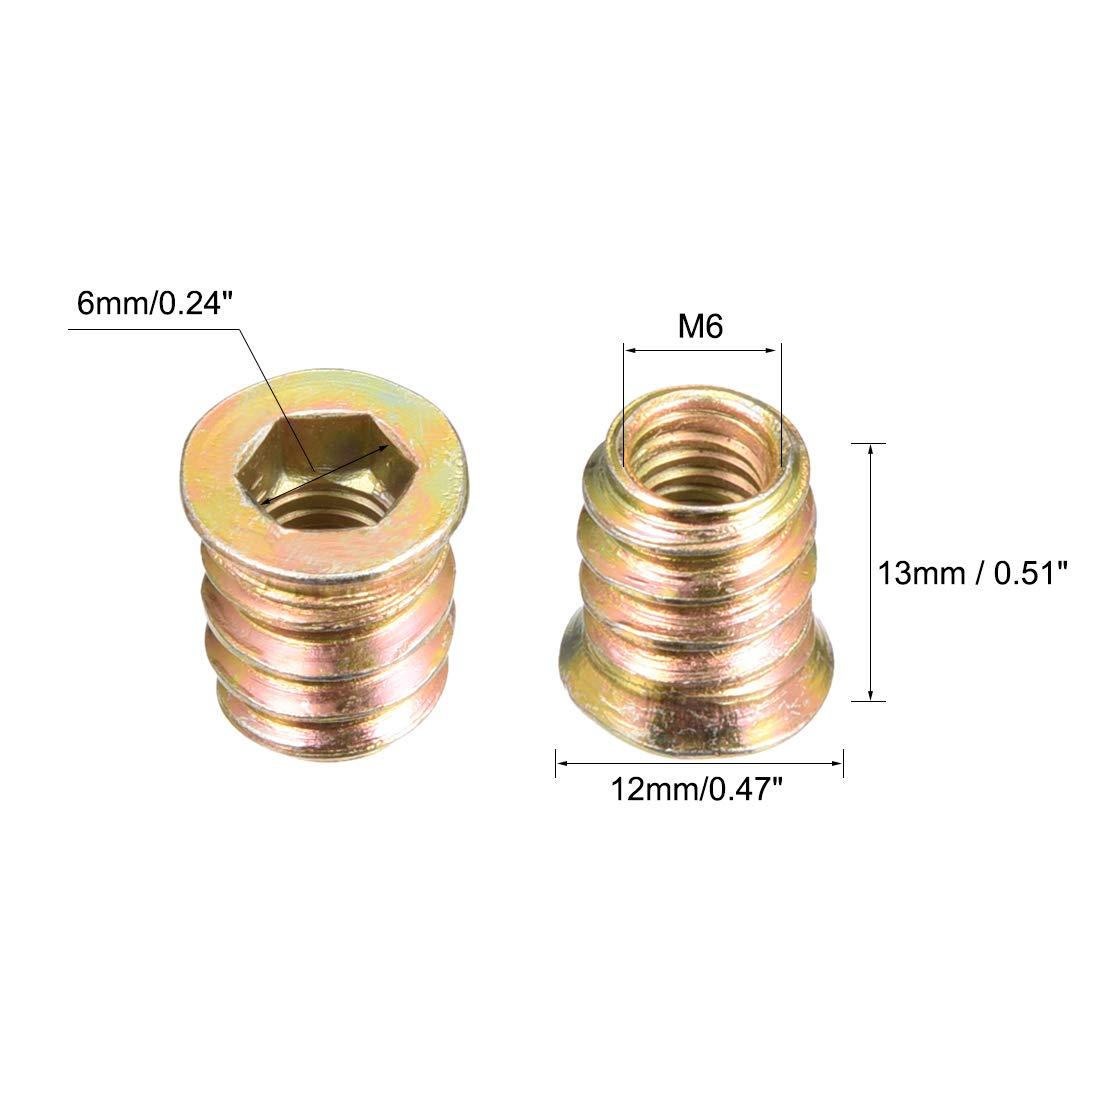 uxcell Wood Furniture M6x13mm Threaded Insert Nuts Interface Hex Socket Drive 100pcs